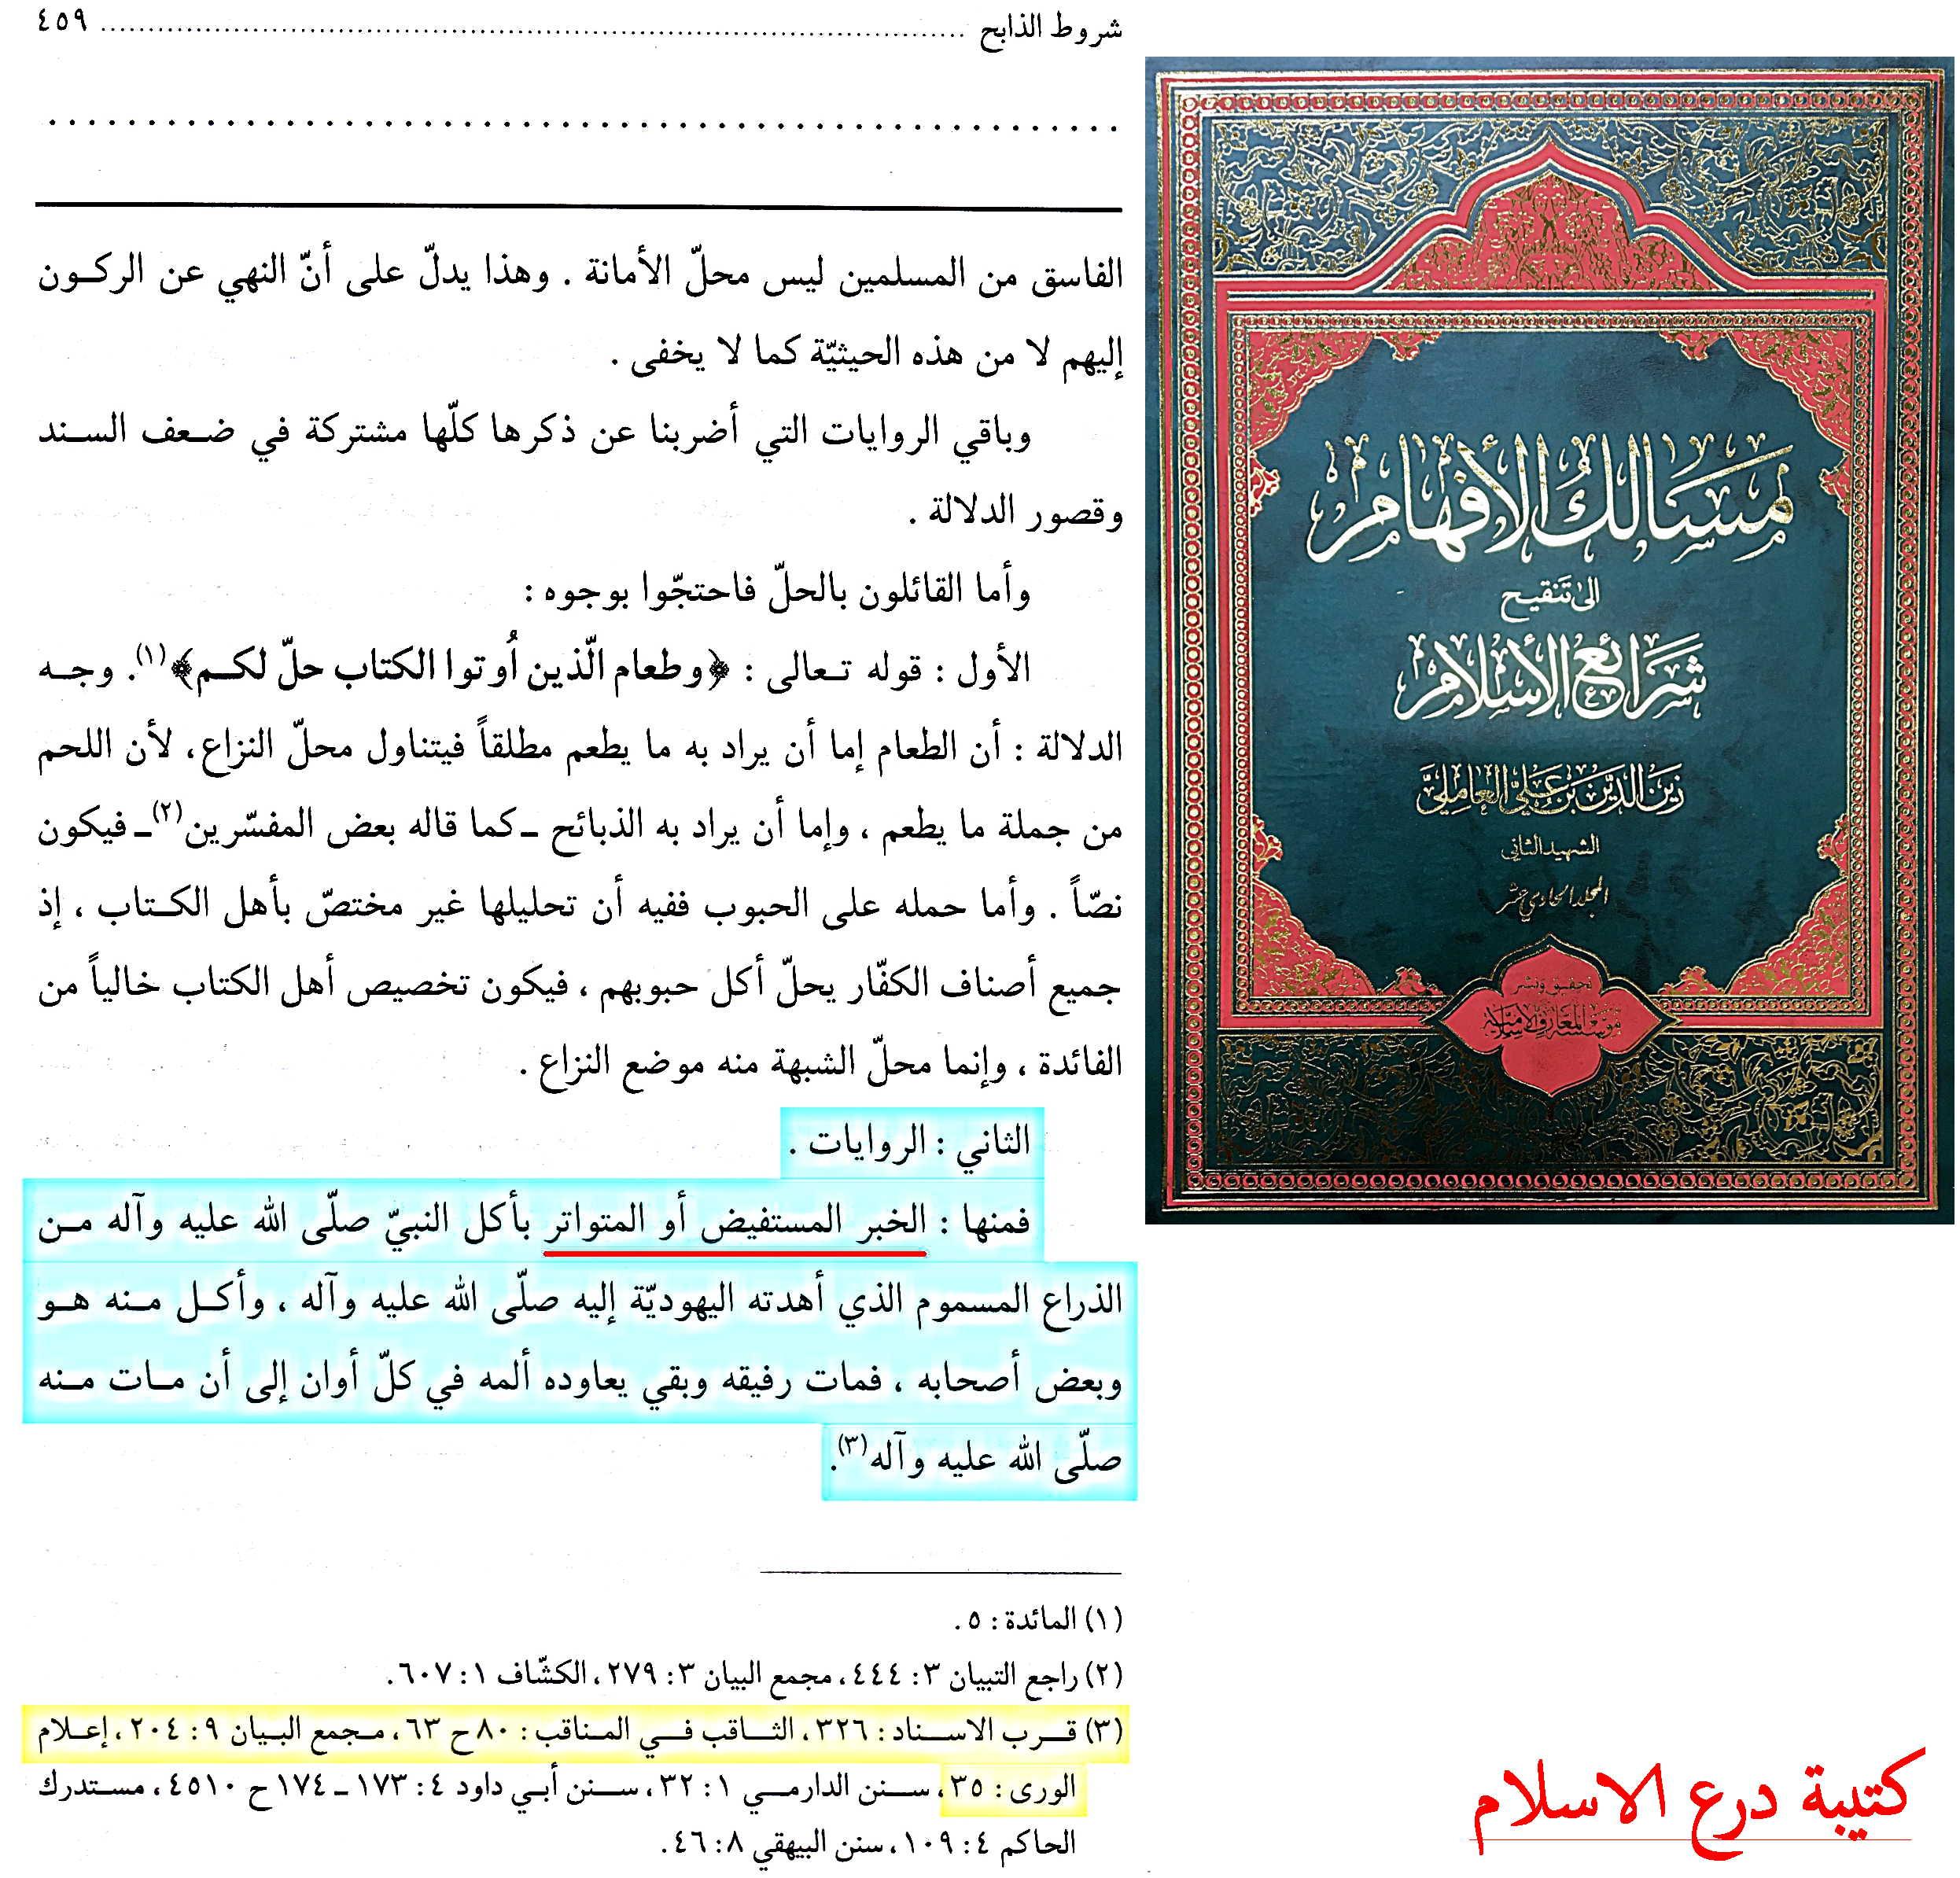 علامة الشيعة حيدر اليعقوبي توفي